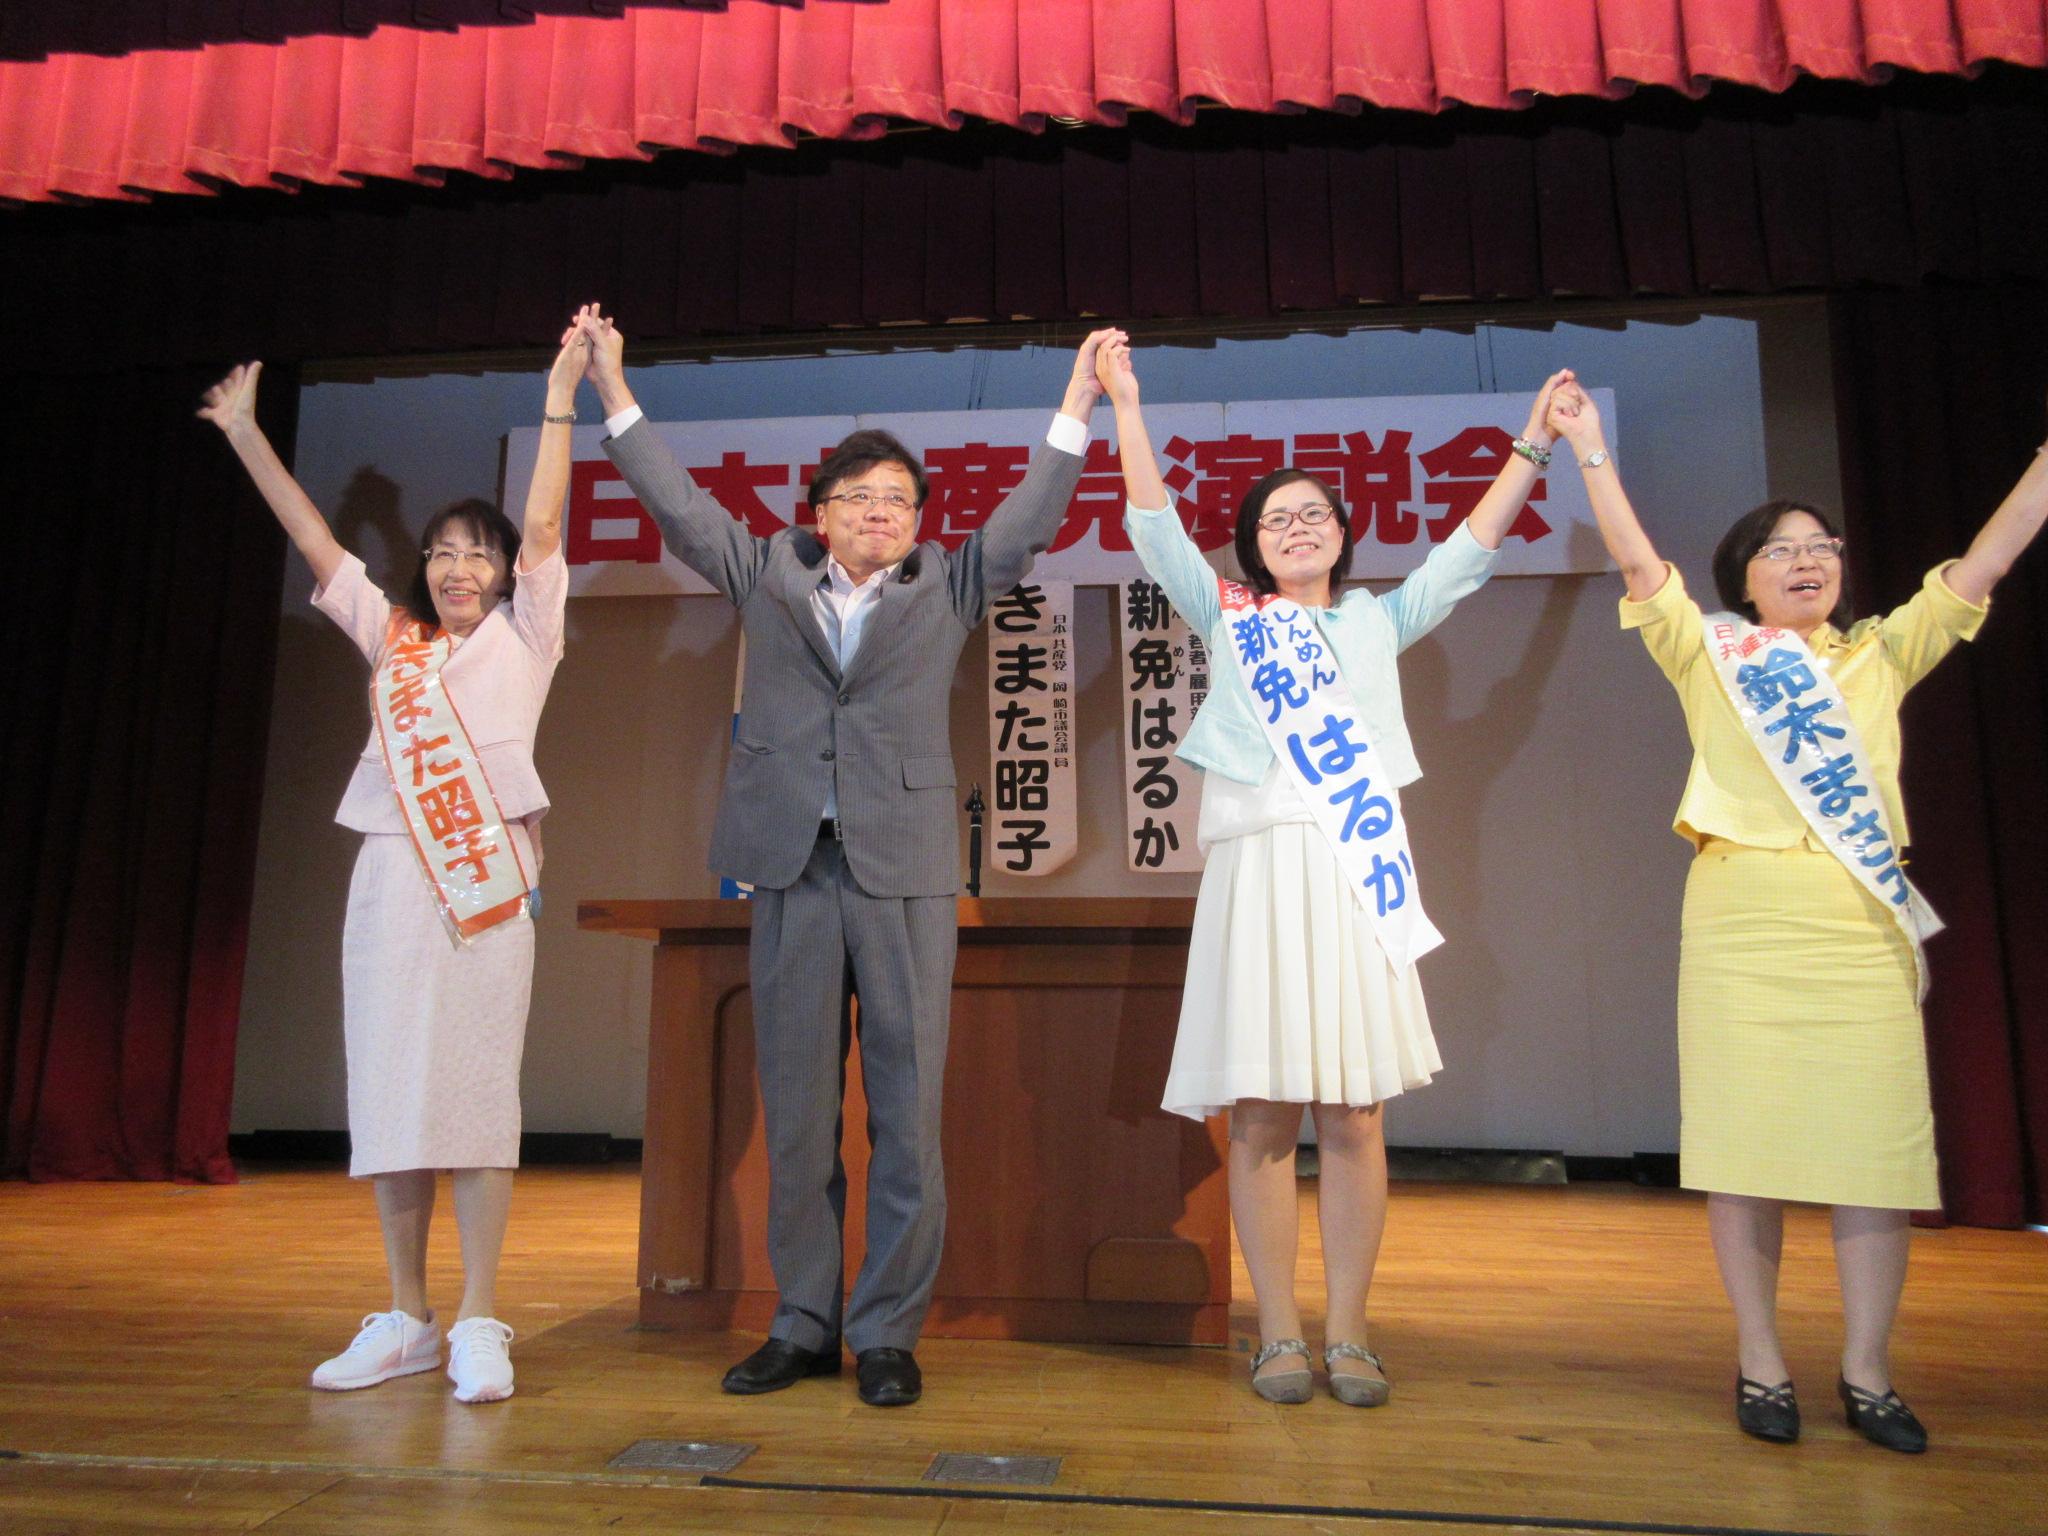 http://www.inoue-satoshi.com/diary/IMG_0811.JPG